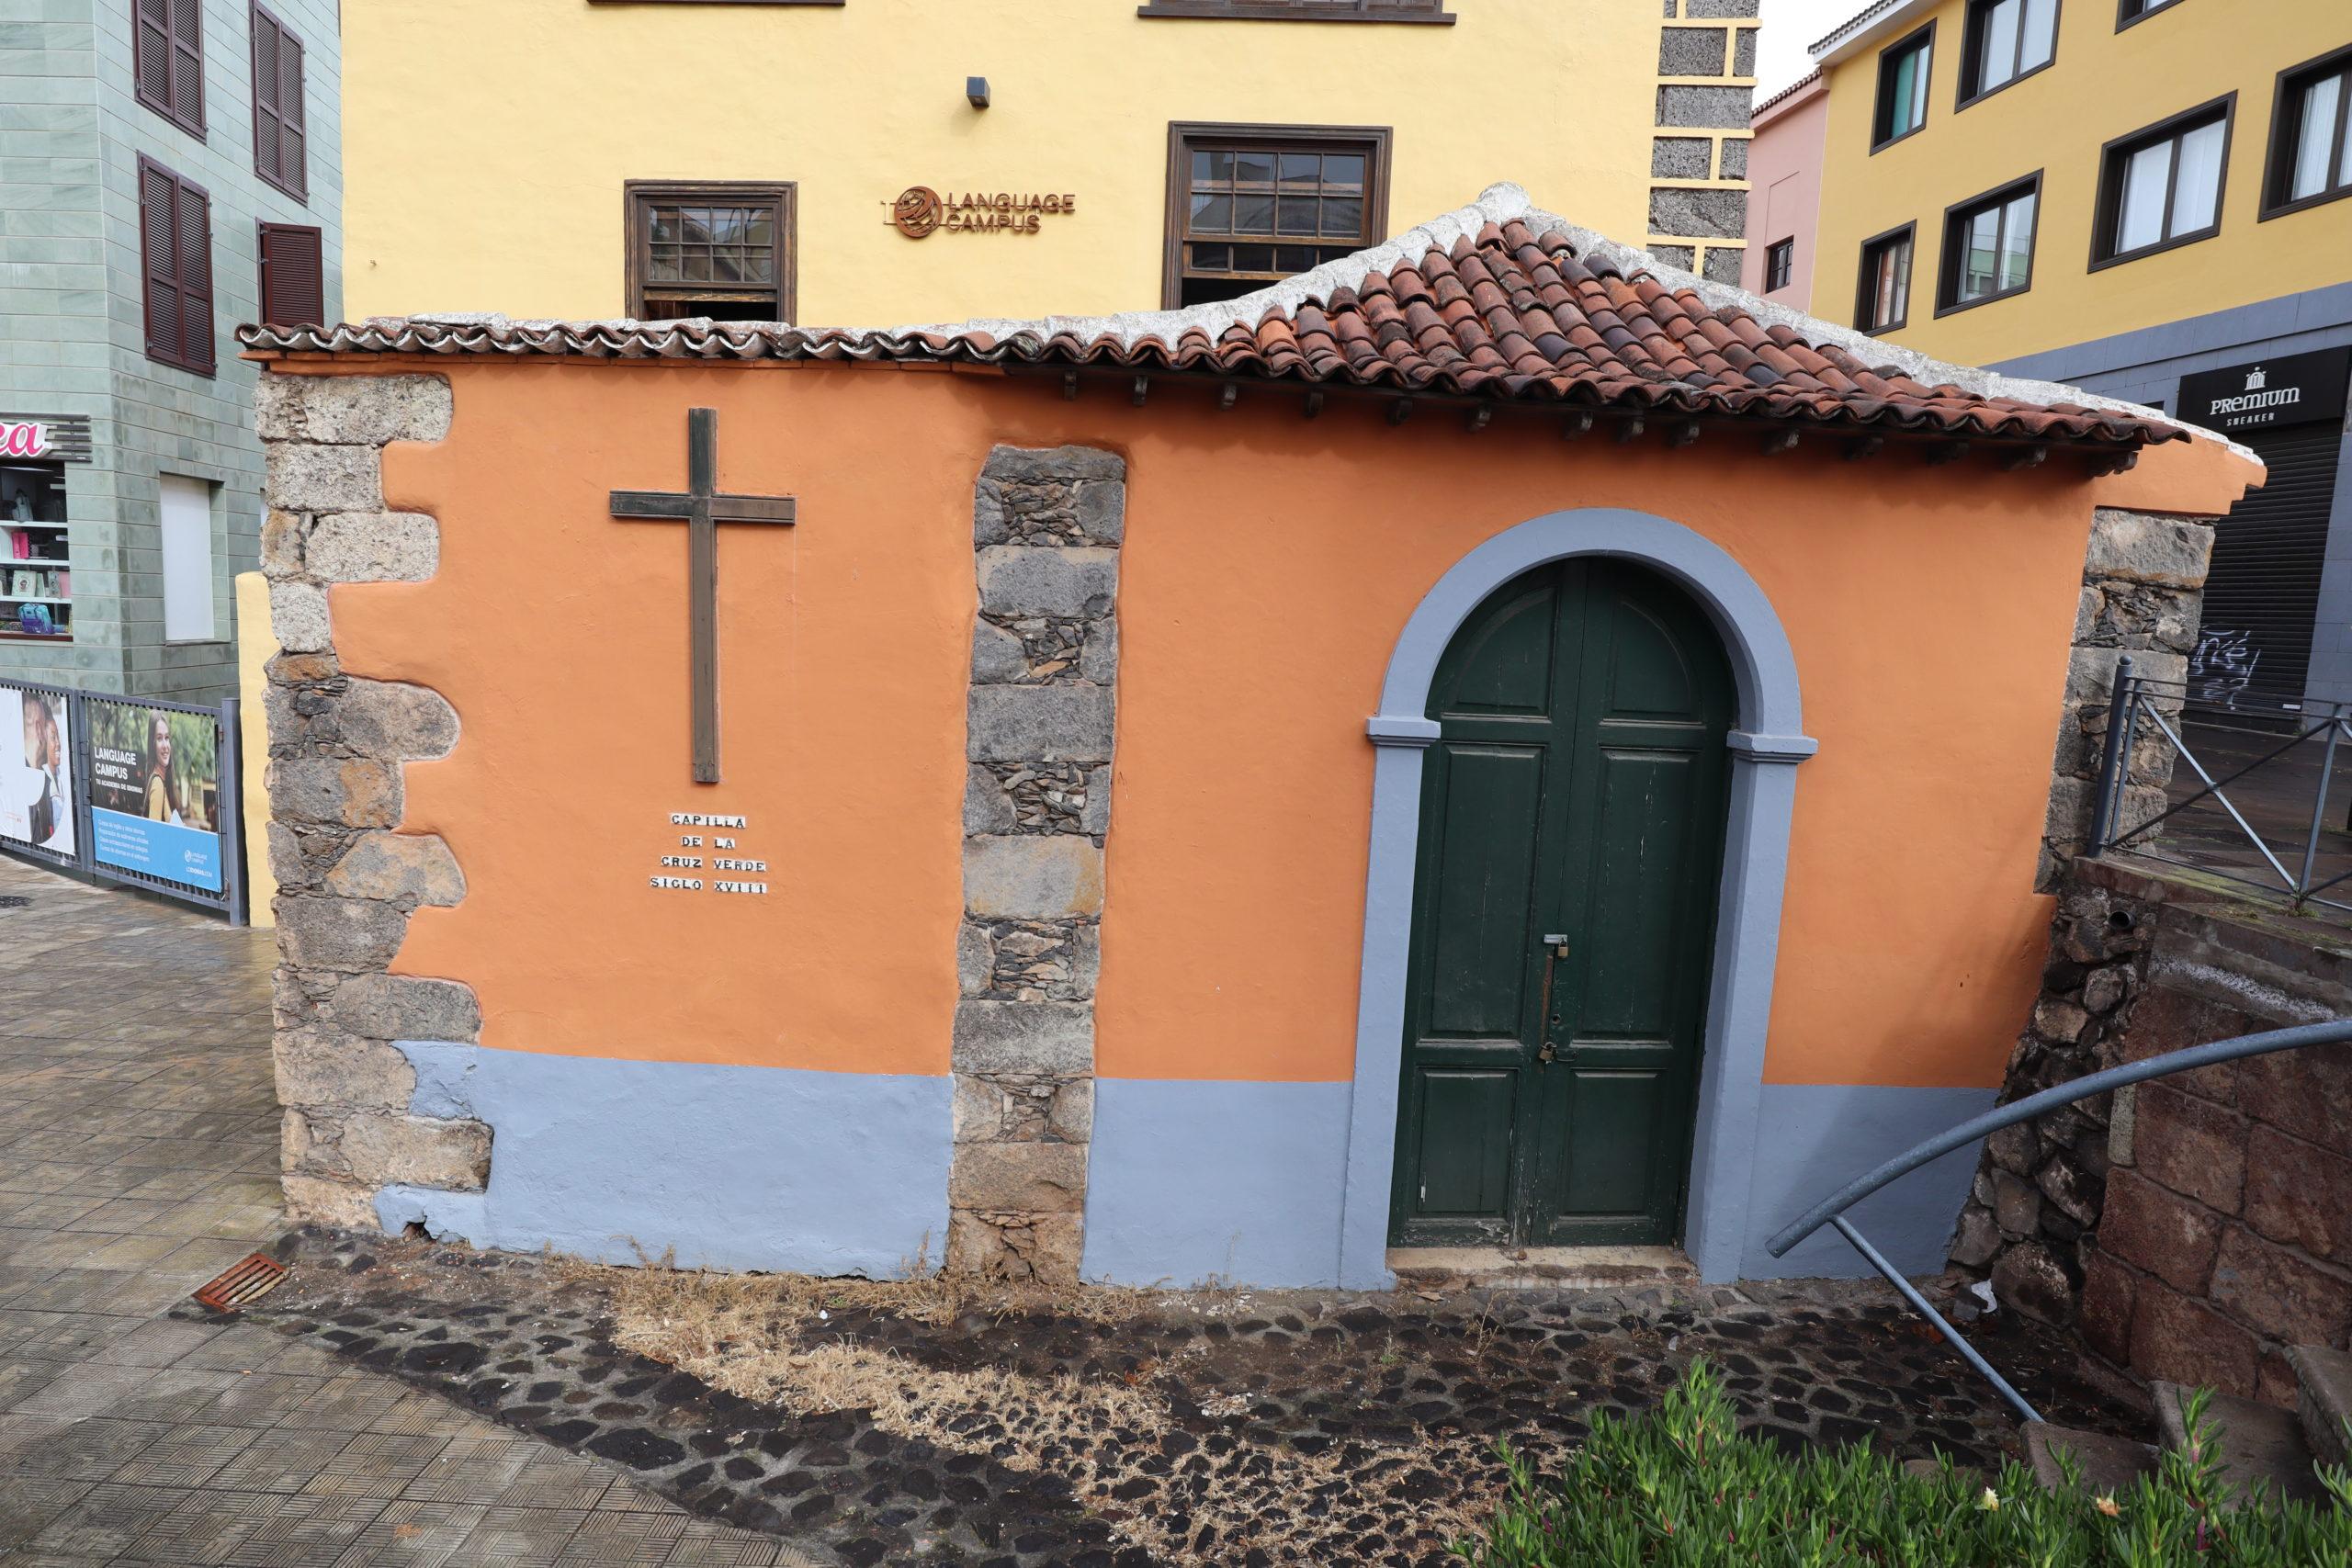 capilla-cruz-verde-laguna